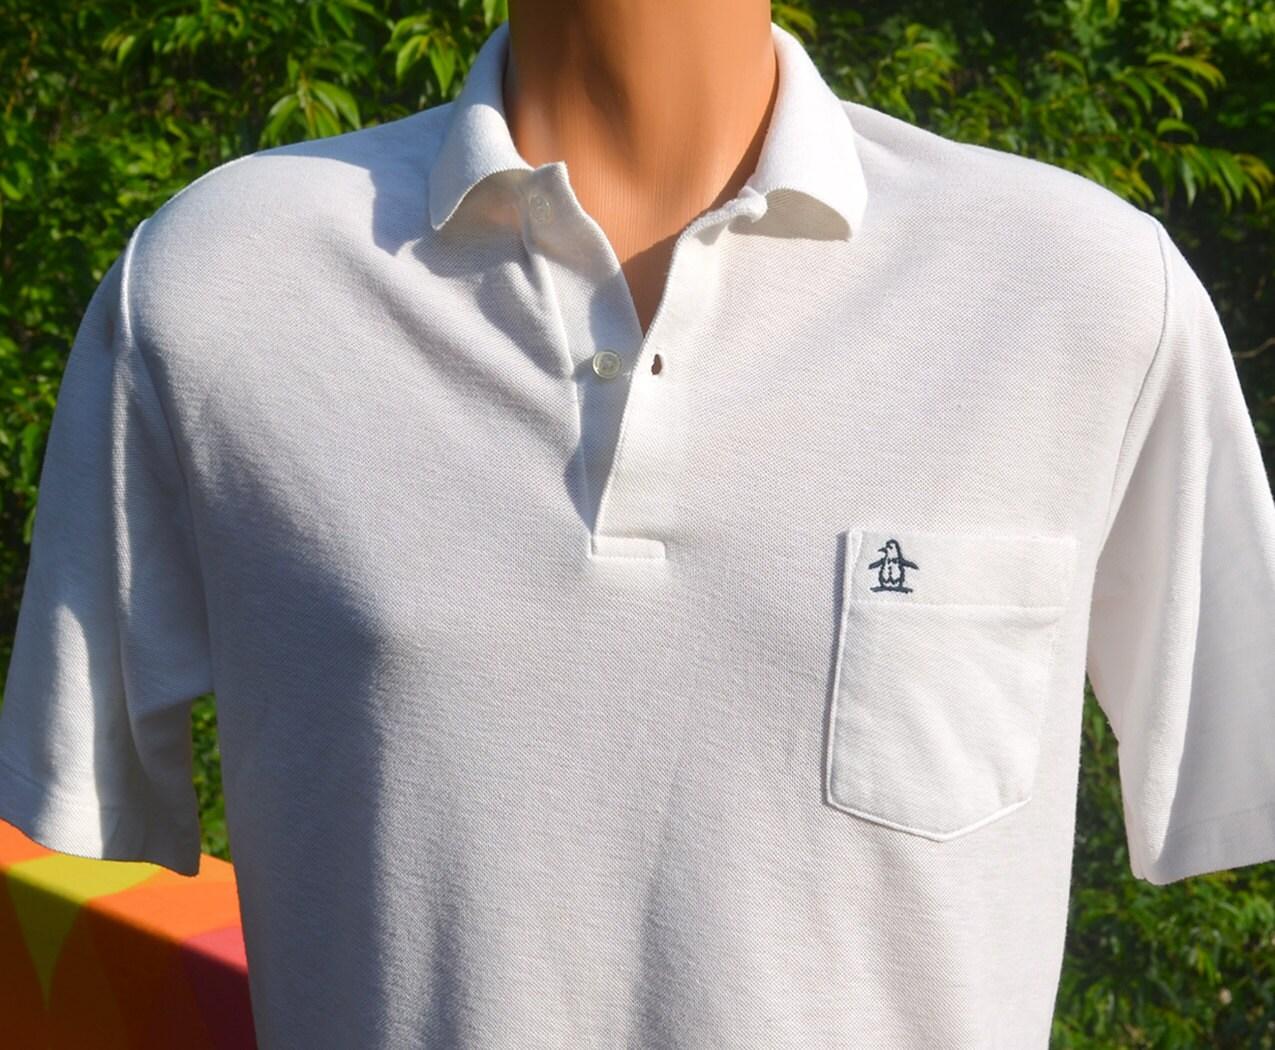 Vintage 70s golf shirt polo penguin pocket grand slam for Golf shirt with penguin logo